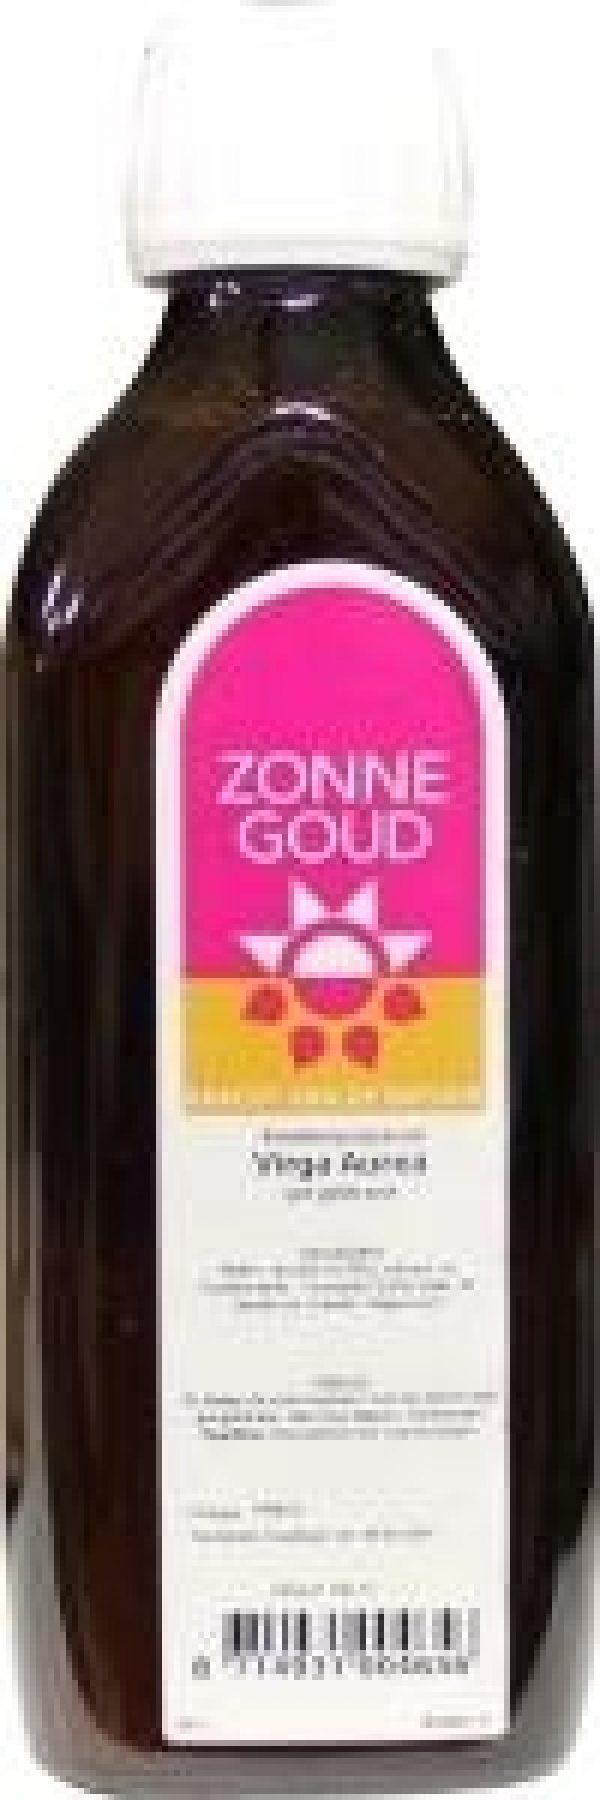 Zonnegoud Virga Aurea